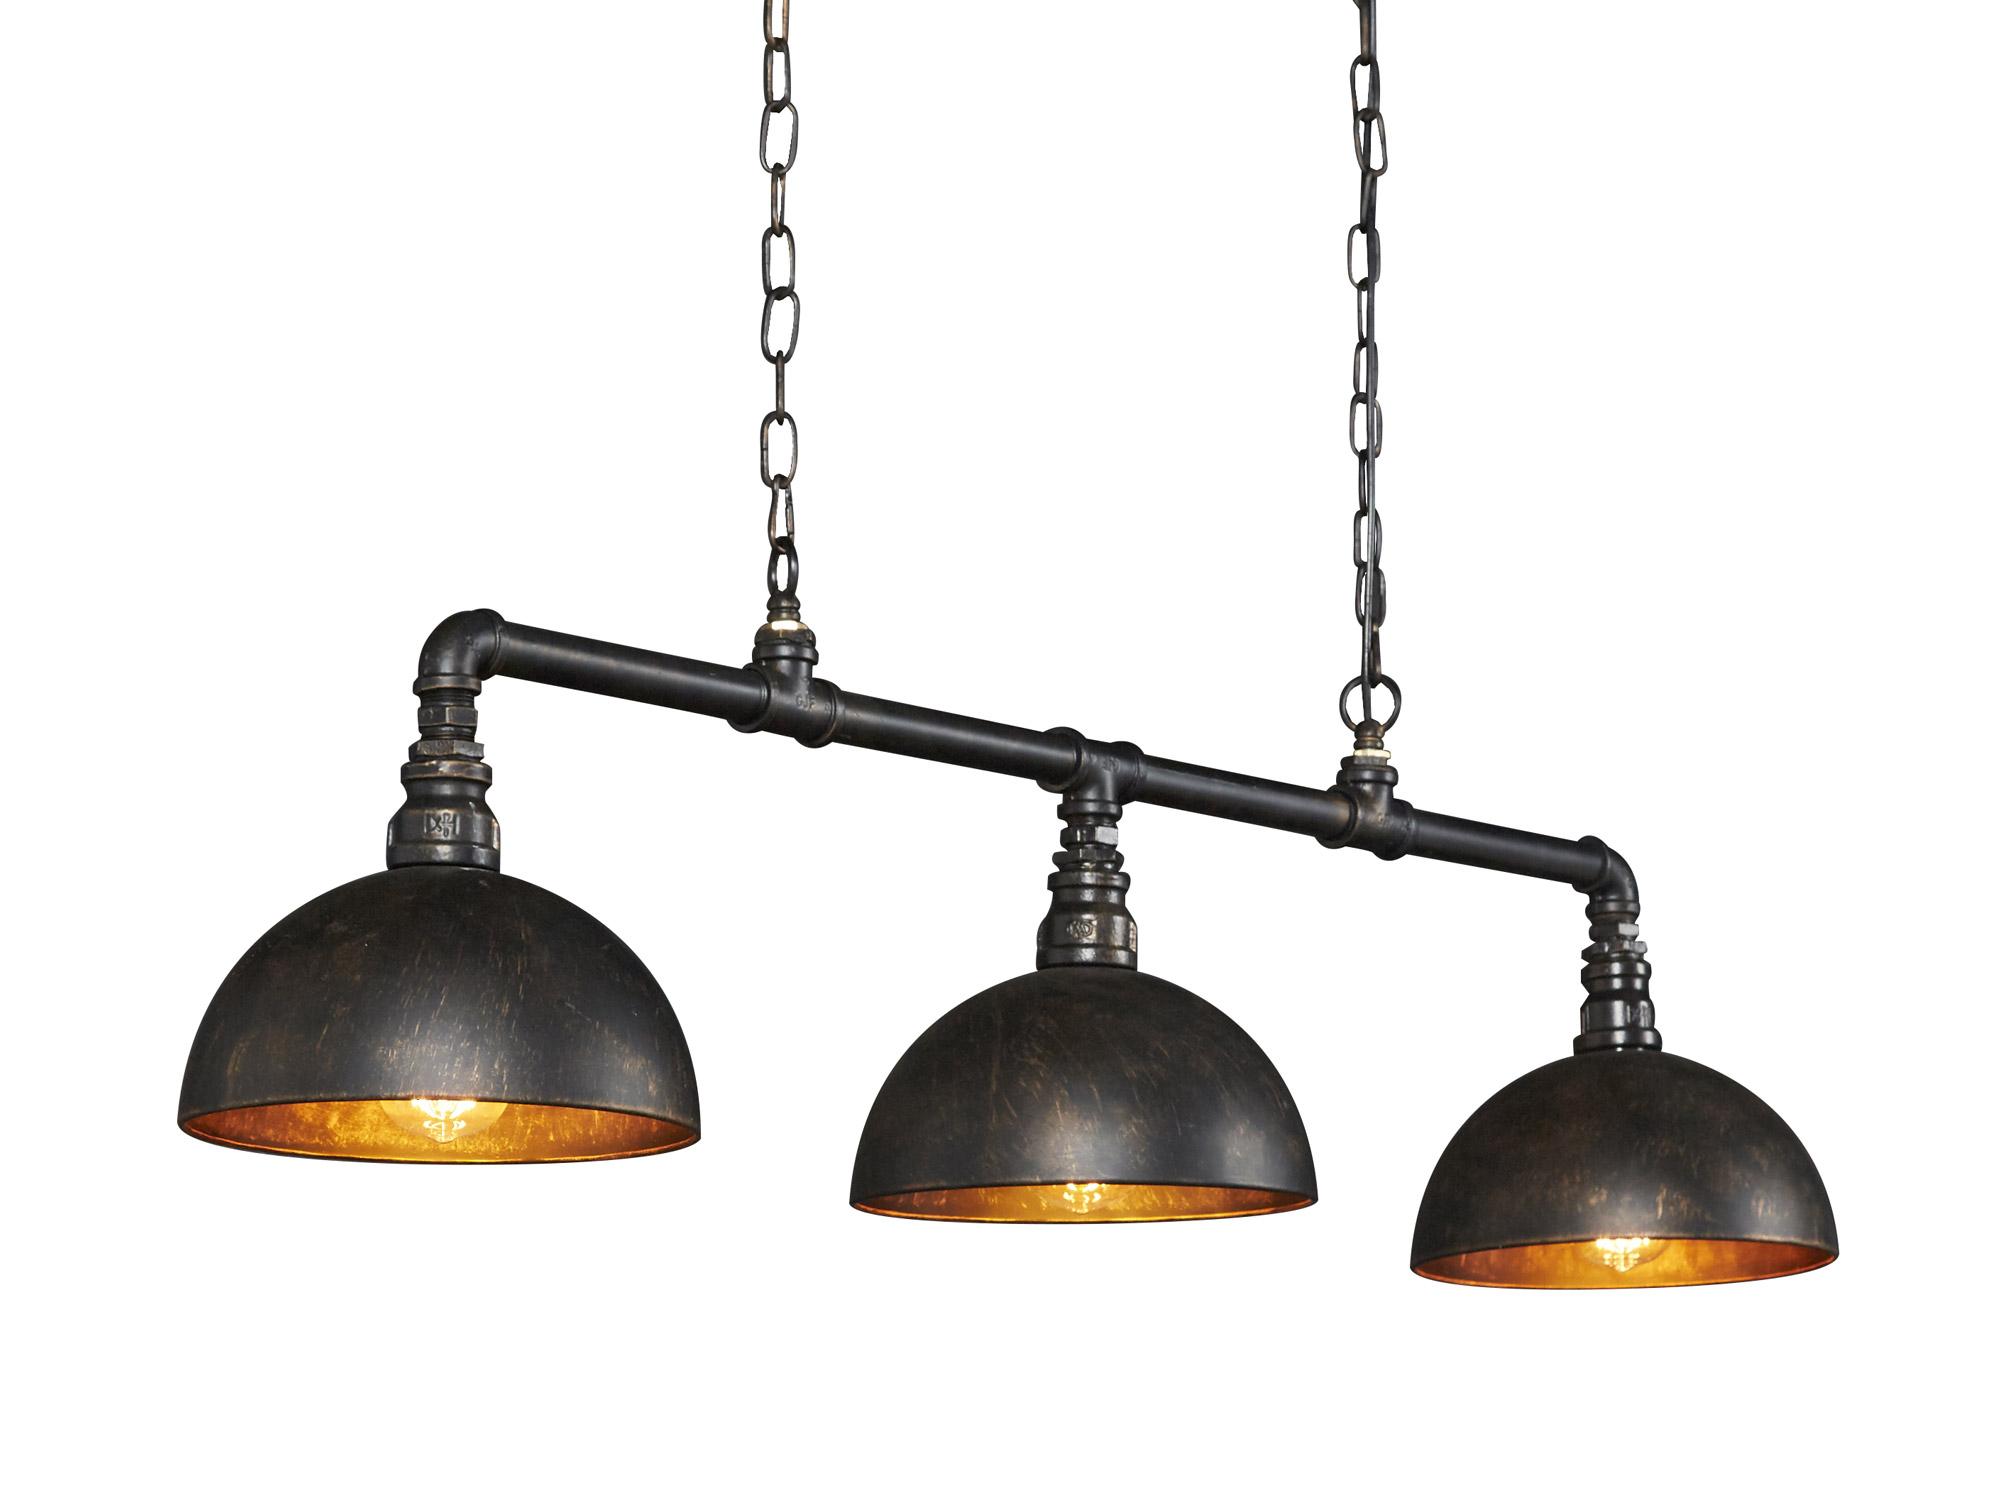 LEAH Hängelampe 9 Lampen Halbkugel Lampenschirm